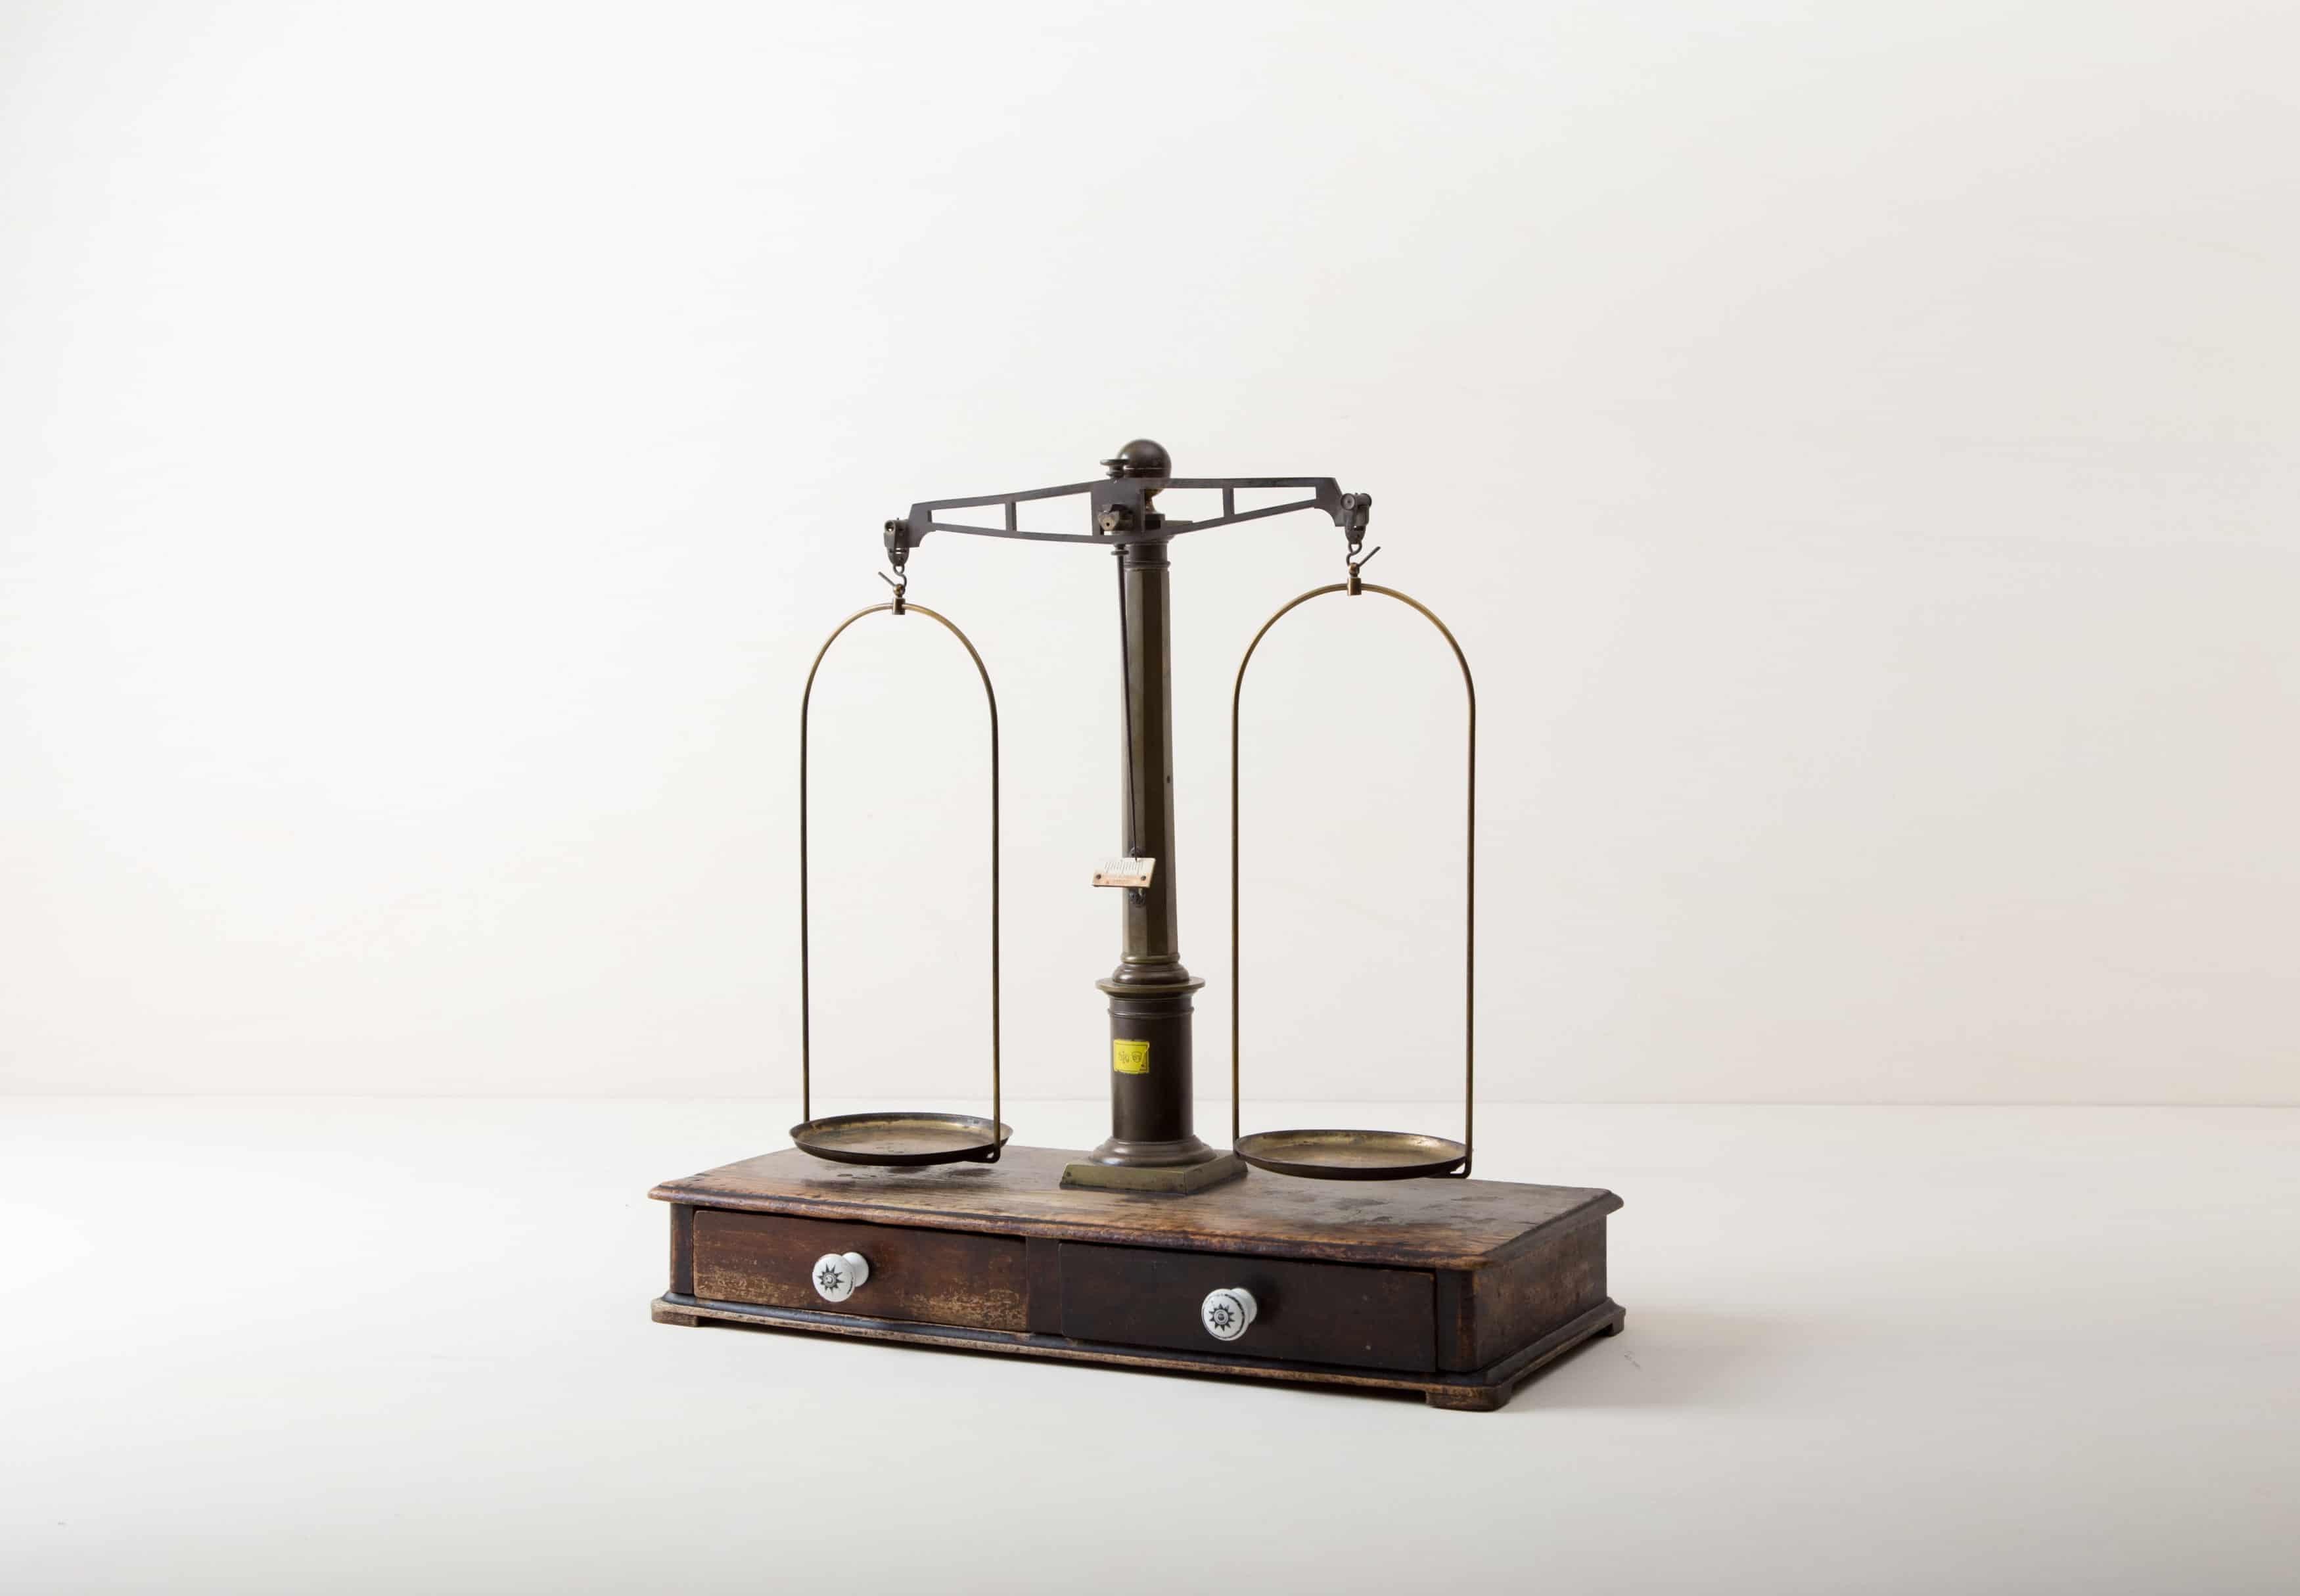 dekorative Apotheker Waage außergewöhnliche Vintage Dekorationselemente mieten.